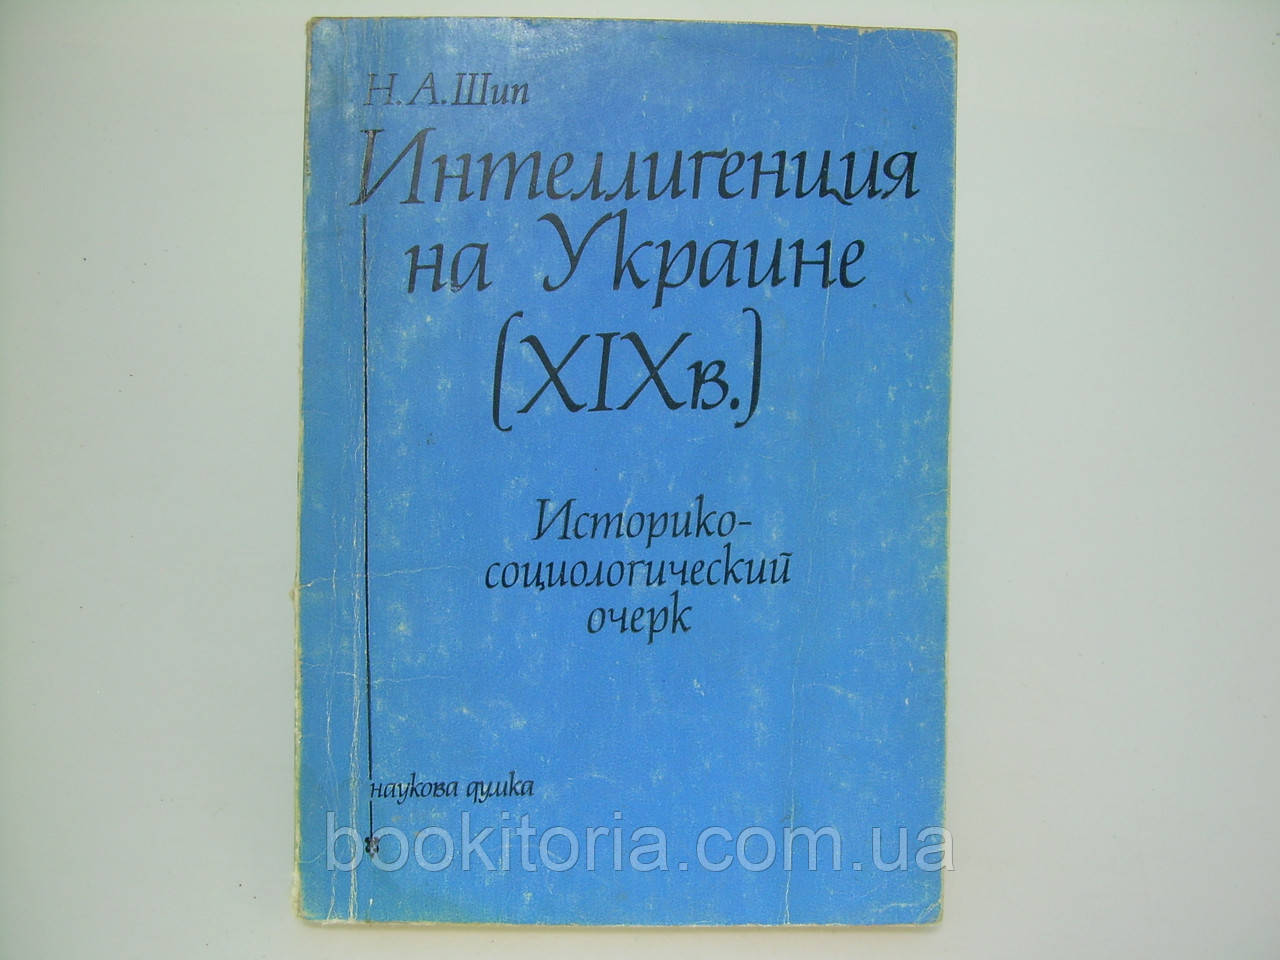 Шип Н. Интеллигенция на Украине ( XIX в.) (б/у).